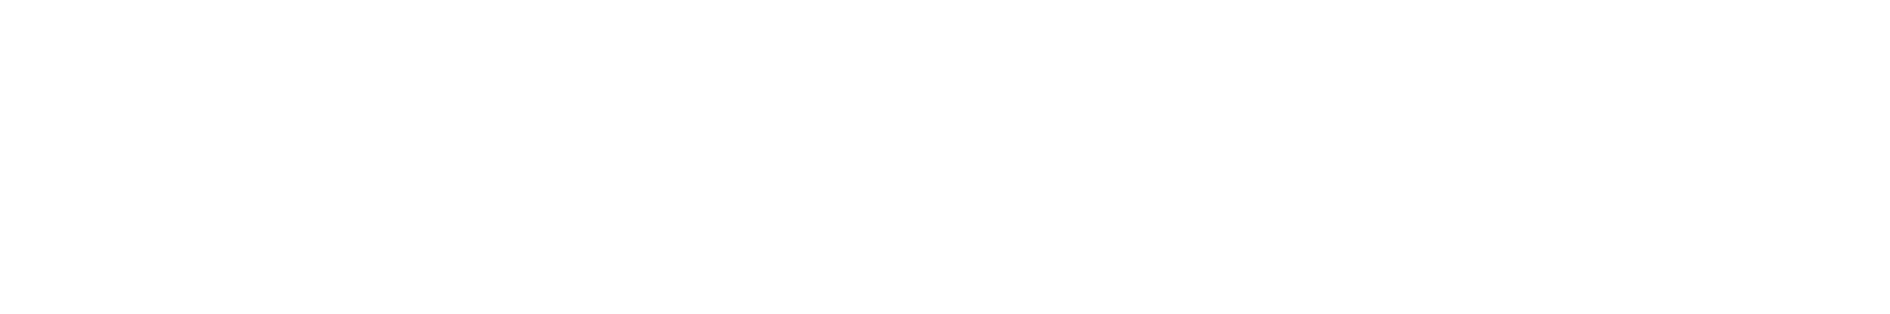 bloch&blöcher